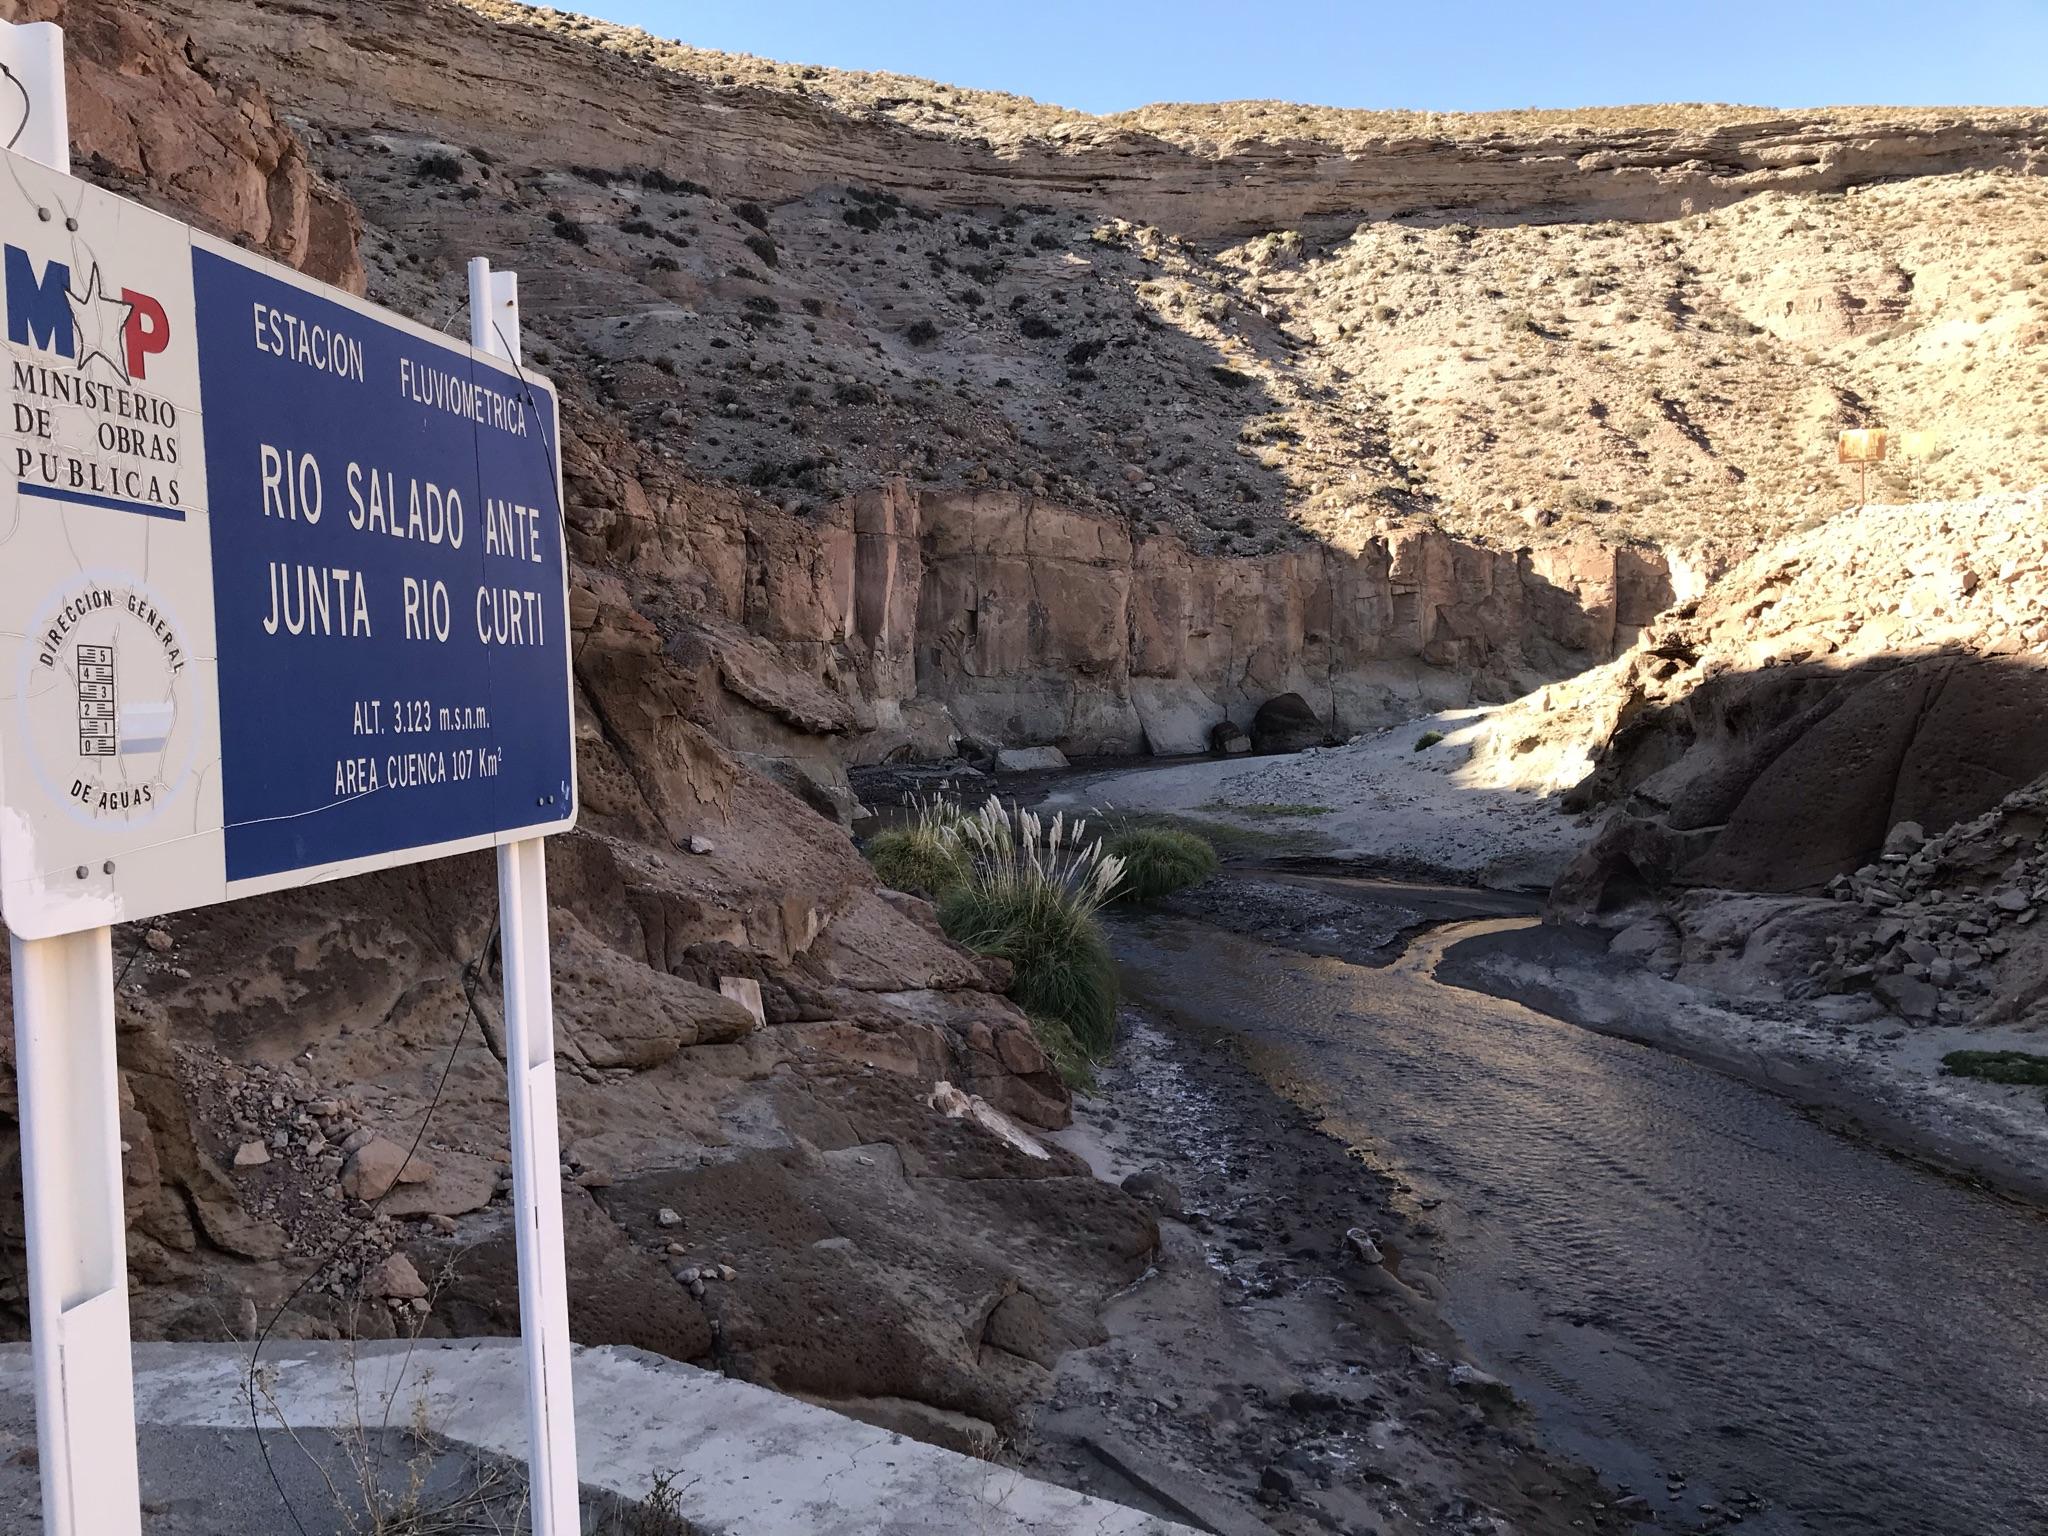 En la semana del Agua MOP anuncia reposición de estación fluviométrica en río Salado